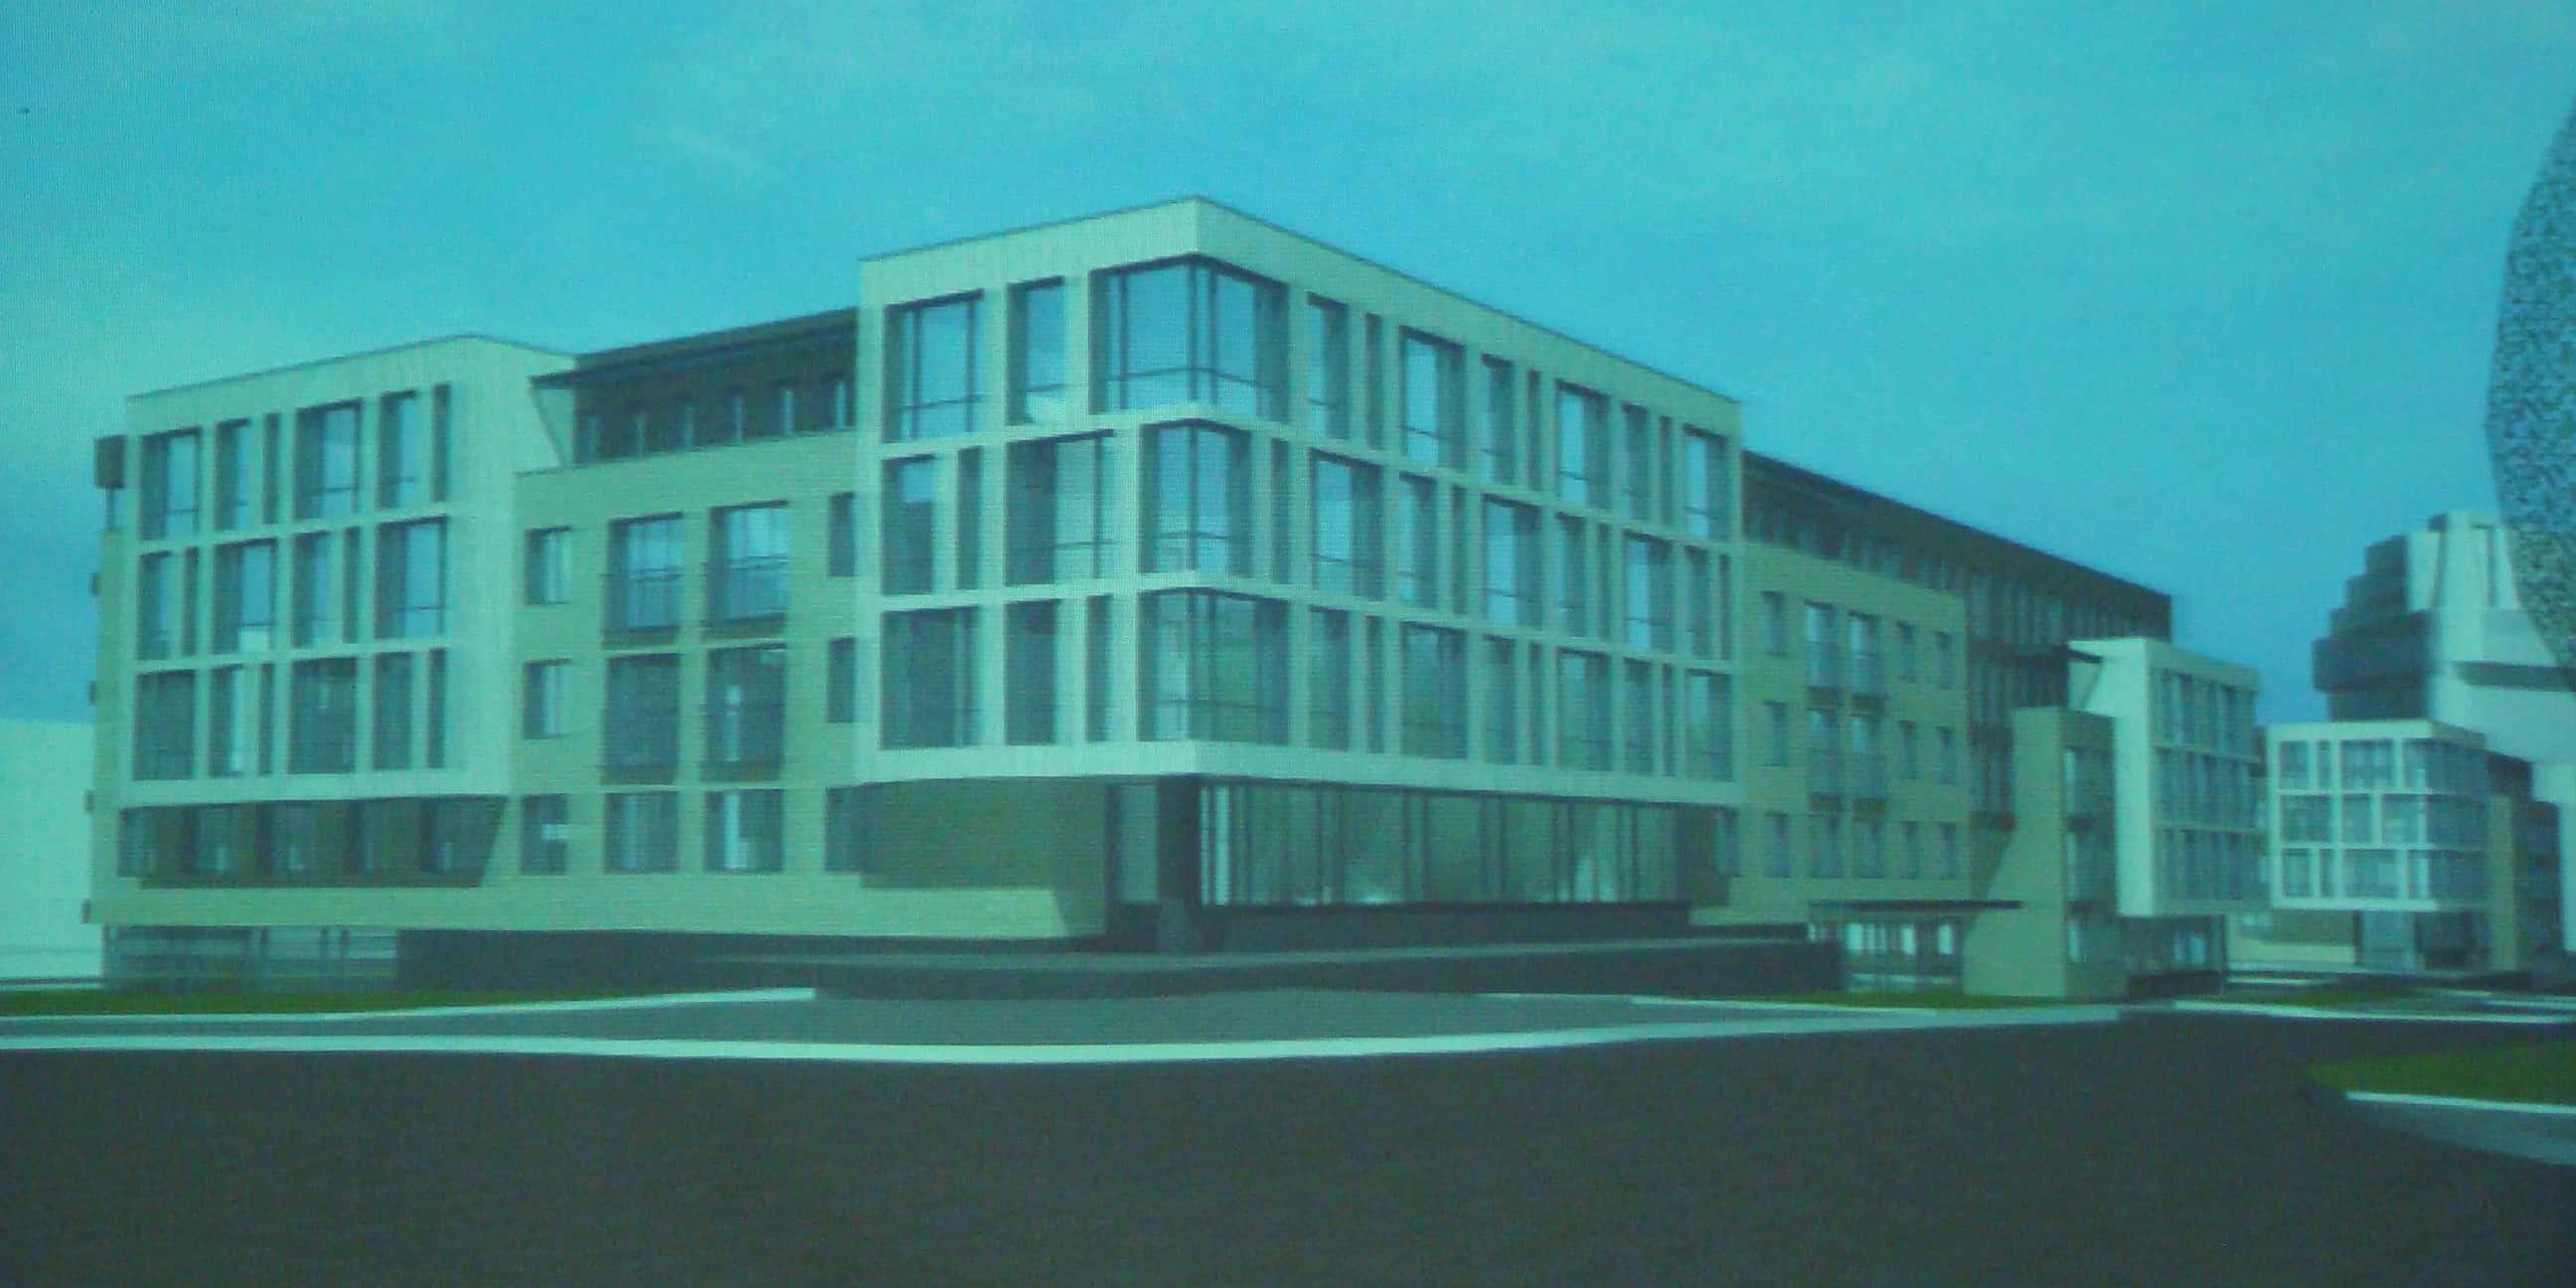 Вид на здания с разных точек обзора